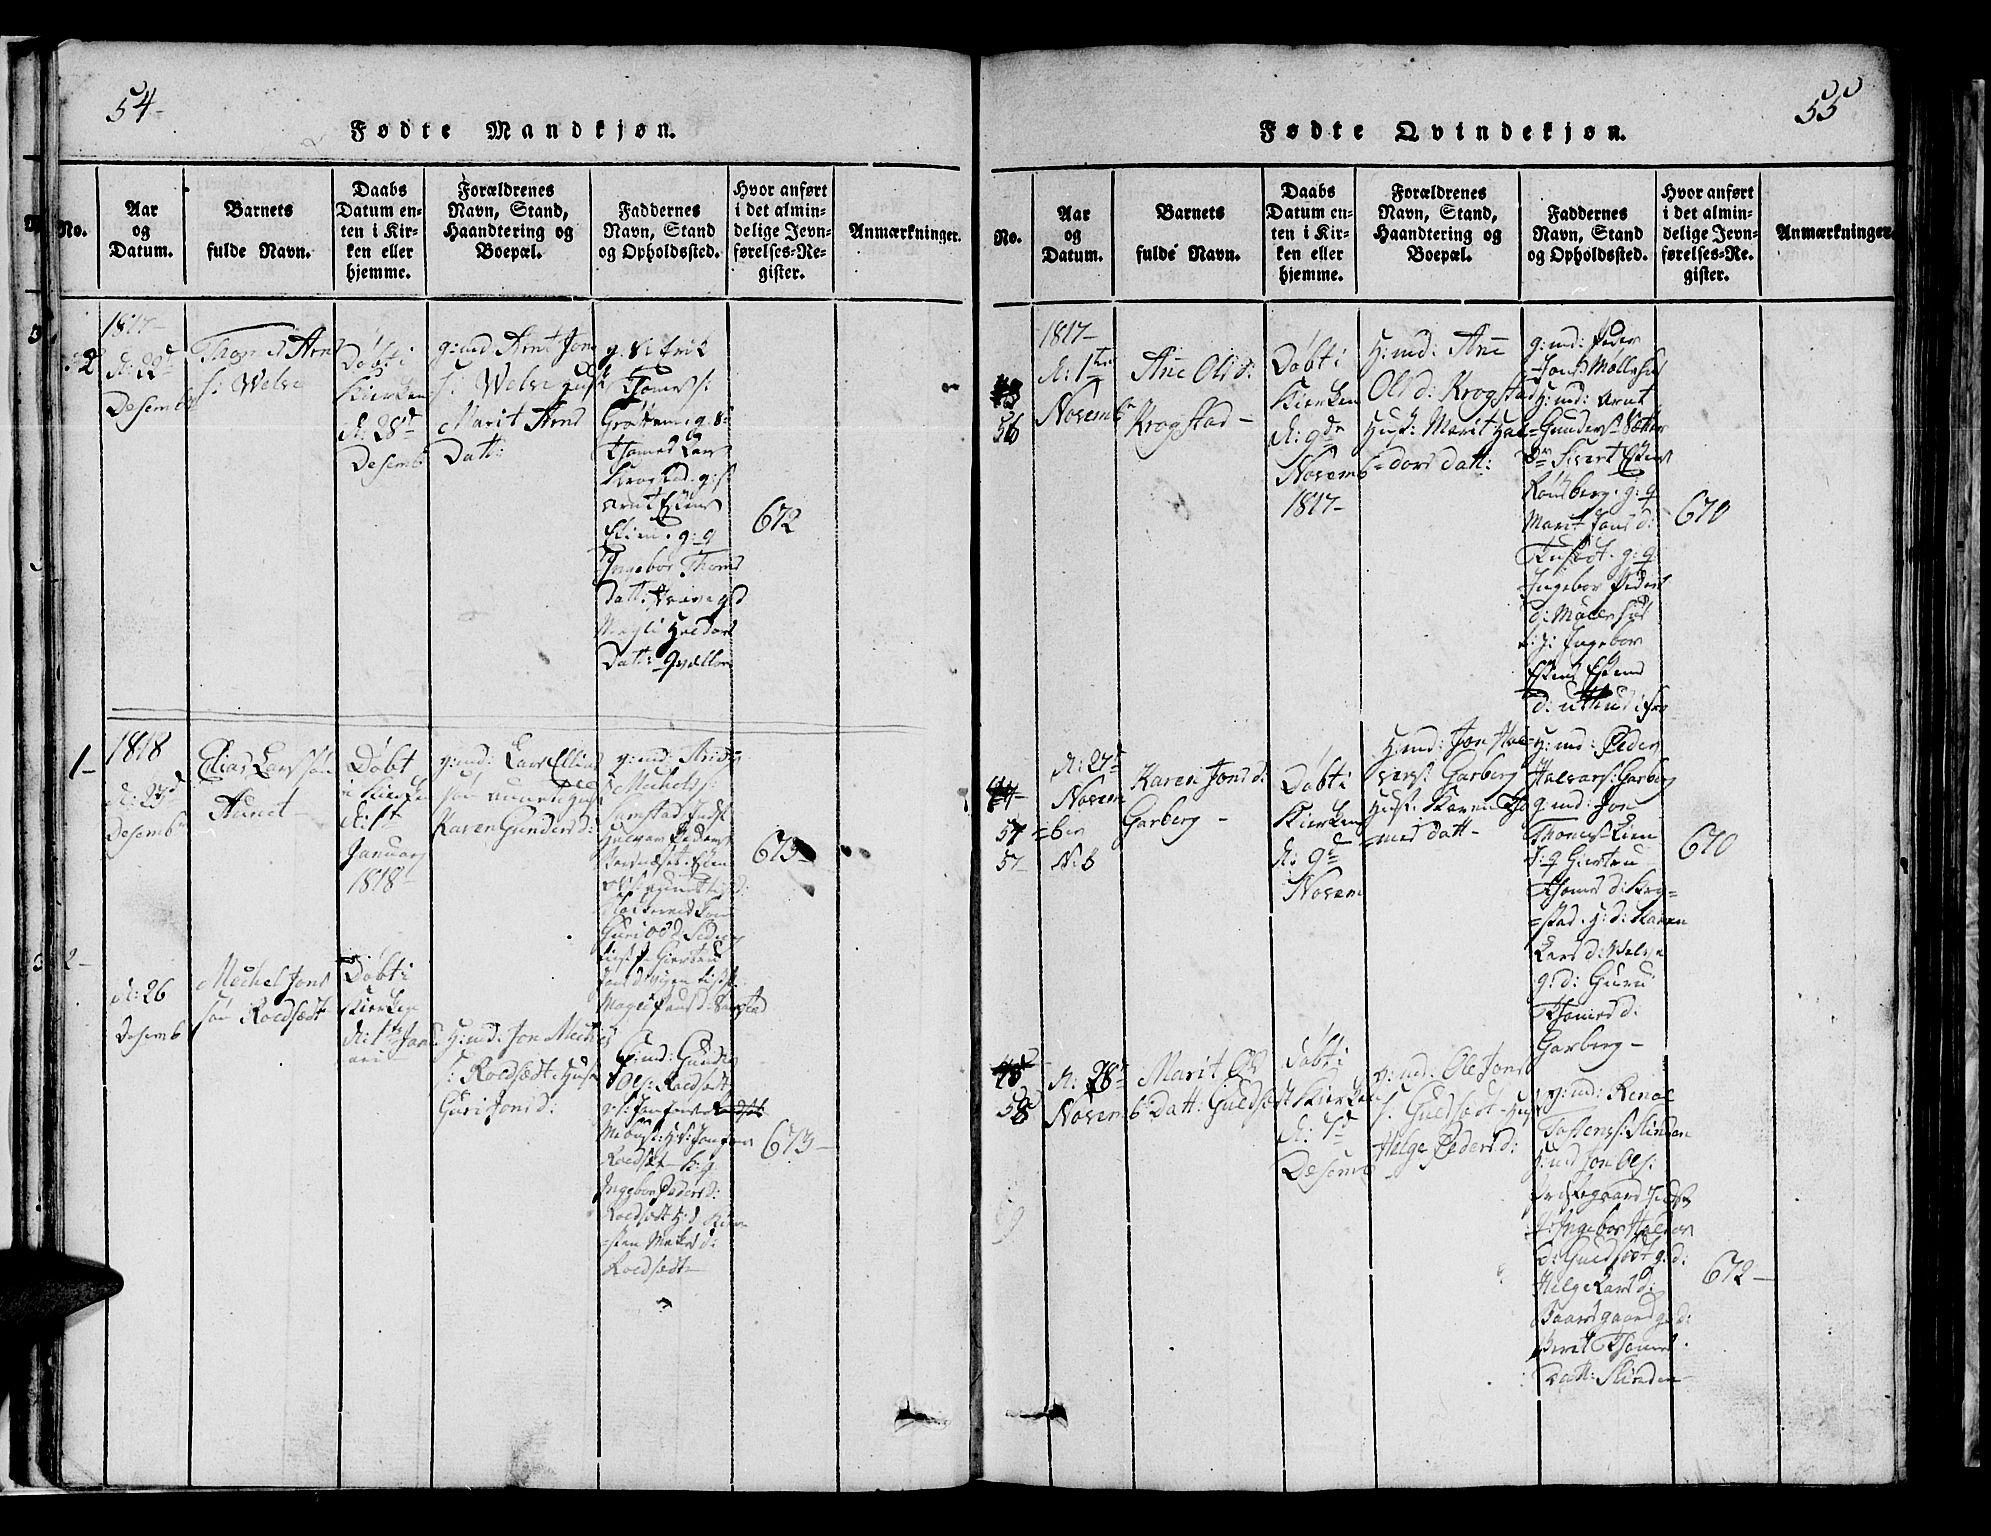 SAT, Ministerialprotokoller, klokkerbøker og fødselsregistre - Sør-Trøndelag, 695/L1152: Klokkerbok nr. 695C03, 1816-1831, s. 54-55